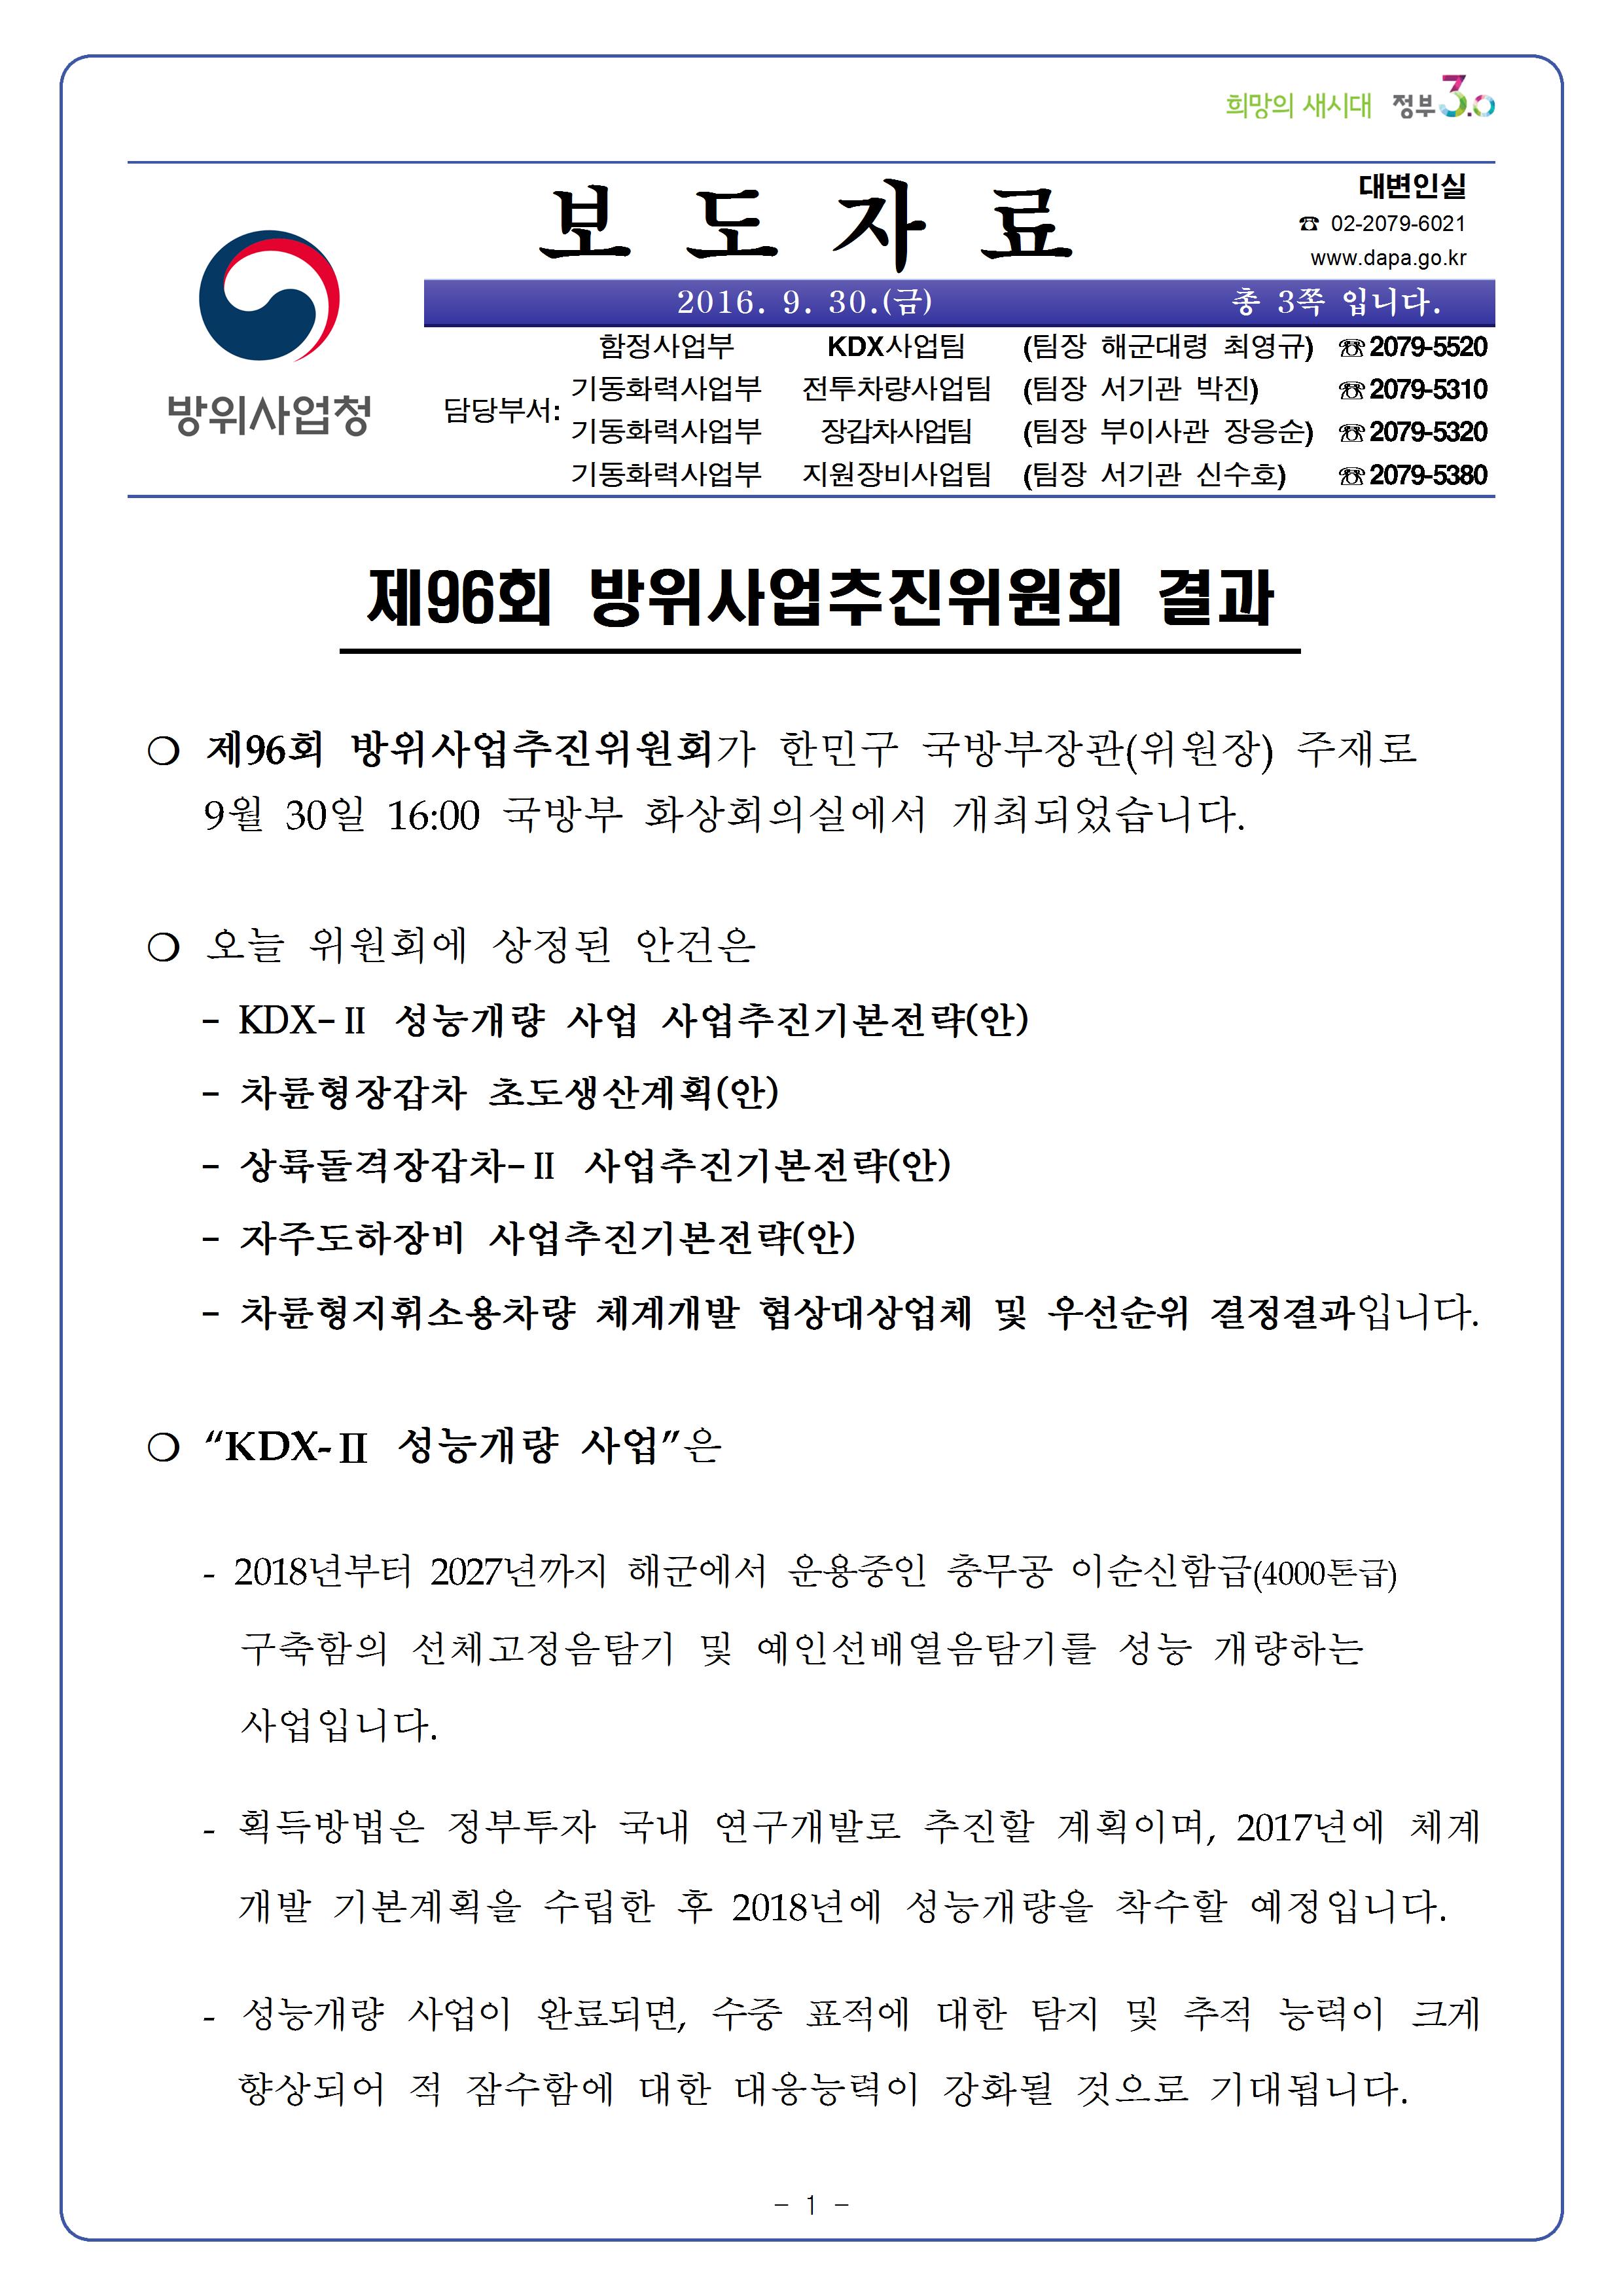 20160930 제96회 방위사업추진위원회 개최 결과001.png